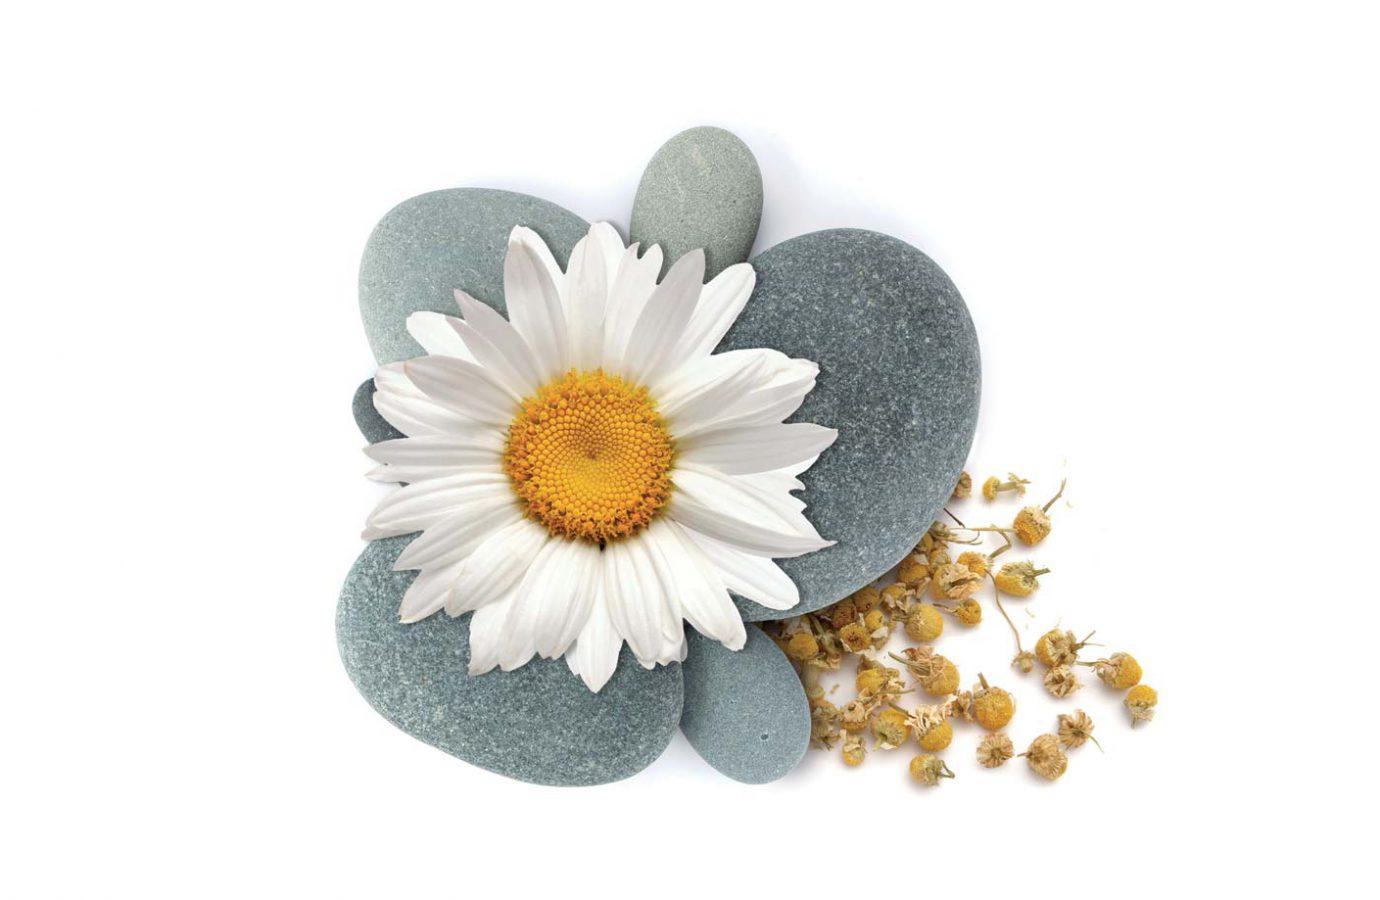 Fiori freschi e secchi di camomilla su pietre usati nel packaging design di prodotti cosmetici naturali realizzato da WillBe